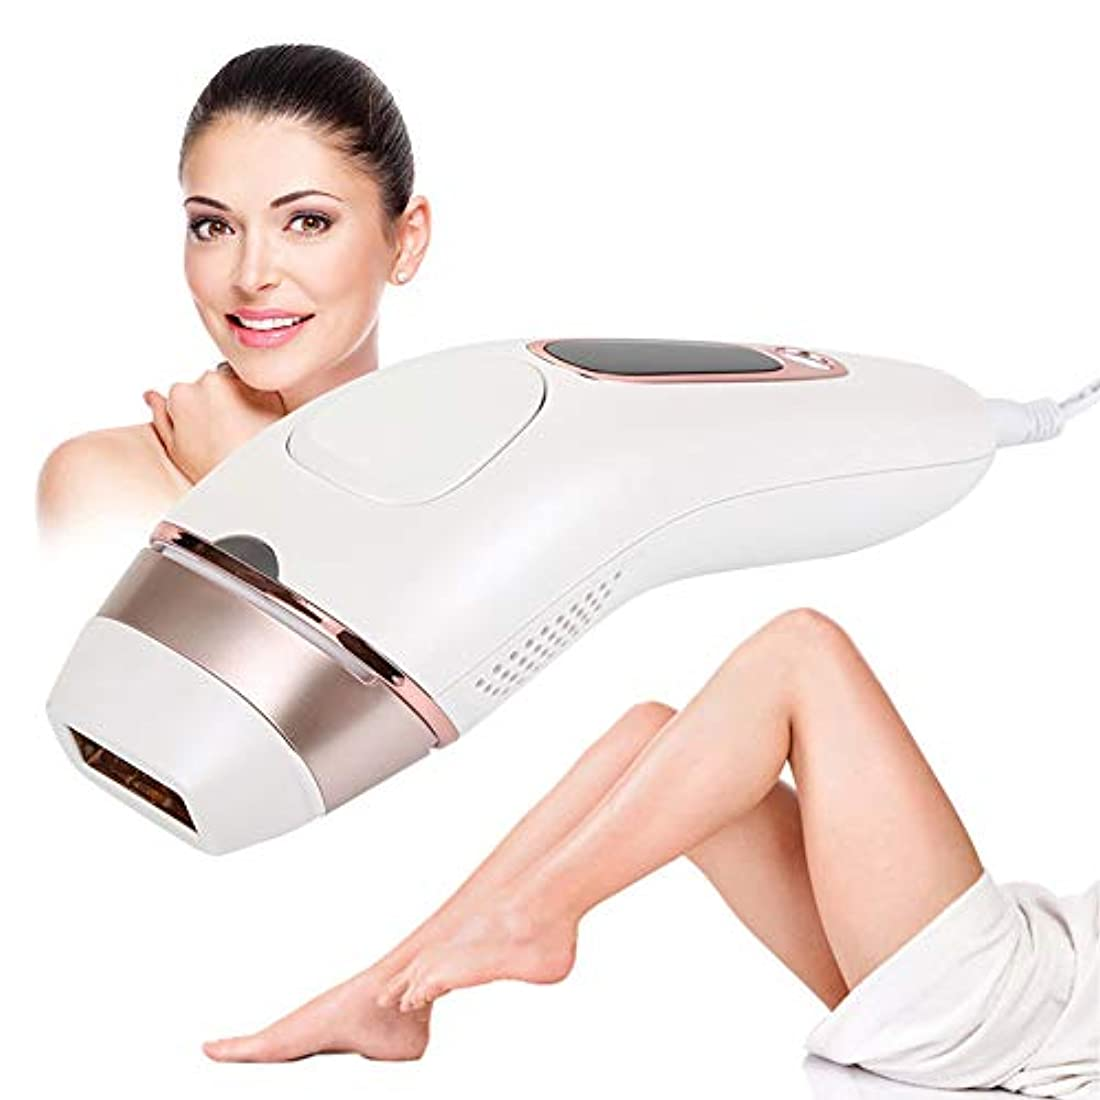 疑い者採用する固める脱毛装置、家庭用フェイス&ボディビキニゾーン&脇の下、500,000フラッシュのためのIpL痛みのない永久的なボディヘアリムーバーレーザー脱毛機